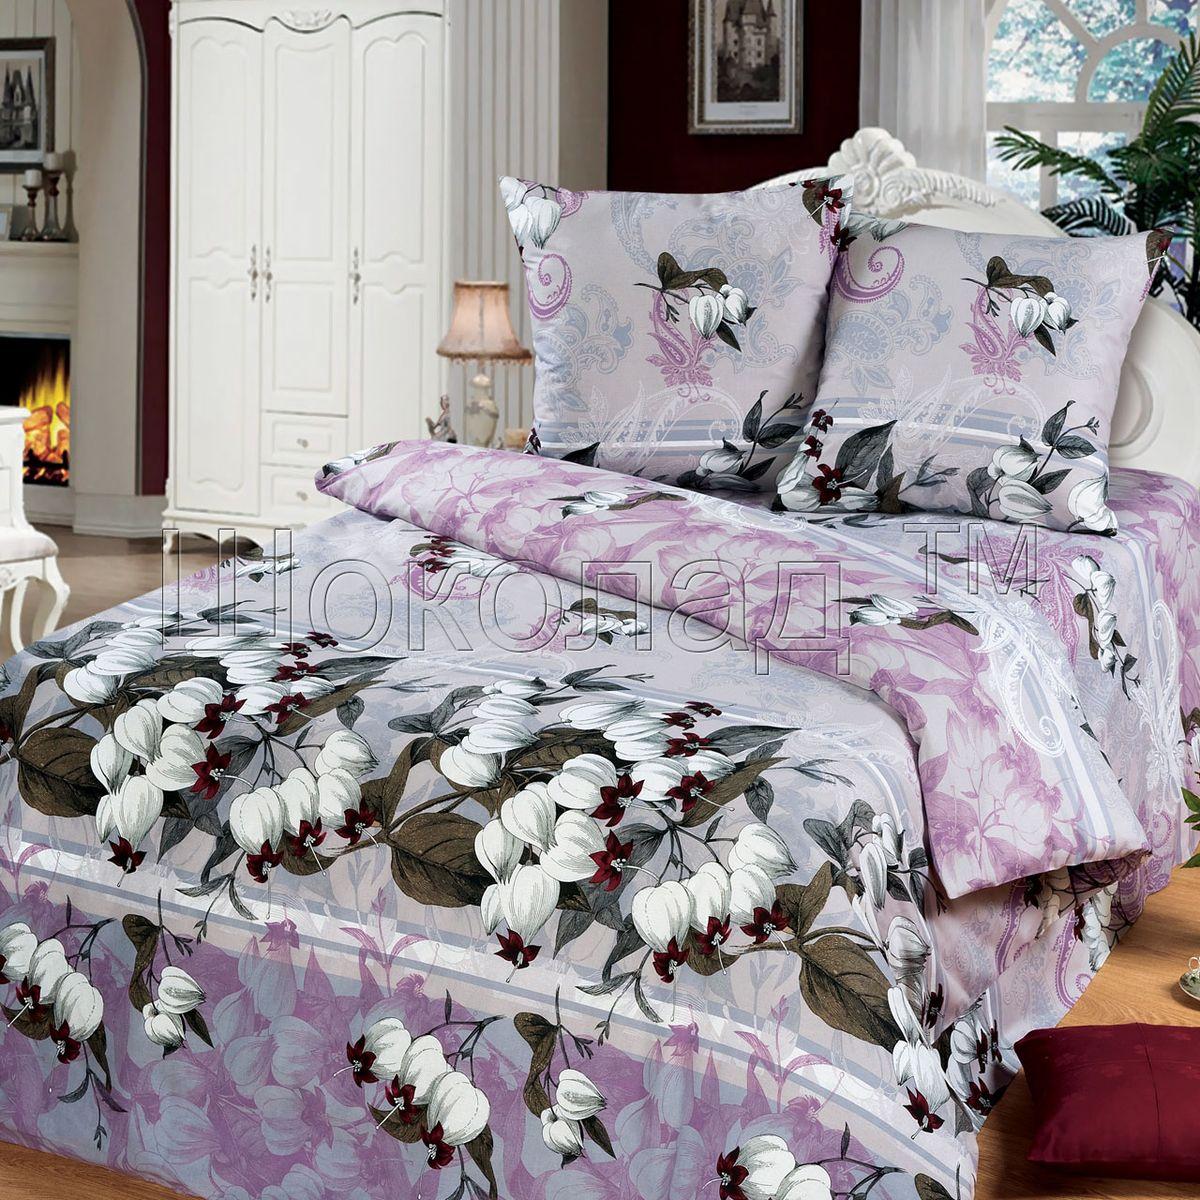 Комплект белья Шоколад Анита, 1,5-спальный, наволочки 70x70. Б100Б100Комплект постельного белья Шоколад Анита является экологически безопасным для всей семьи, так как выполнен из натурального хлопка. Комплект состоит из пододеяльника, простыни и двух наволочек. Постельное белье оформлено оригинальным рисунком и имеет изысканный внешний вид.Бязь - это ткань полотняного переплетения, изготовленная из экологически чистого и натурального 100% хлопка. Она прочная, мягкая, обладает низкой сминаемостью, легко стирается и хорошо гладится. Бязь прекрасно пропускает воздух и за ней легко ухаживать. При соблюдении рекомендуемых условий стирки, сушки и глажения ткань имеет усадку по ГОСТу, сохранятся яркость текстильных рисунков. Приобретая комплект постельного белья Шоколад Анита, вы можете быть уверены в том, что покупка доставит вам и вашим близким удовольствие и подарит максимальный комфорт.